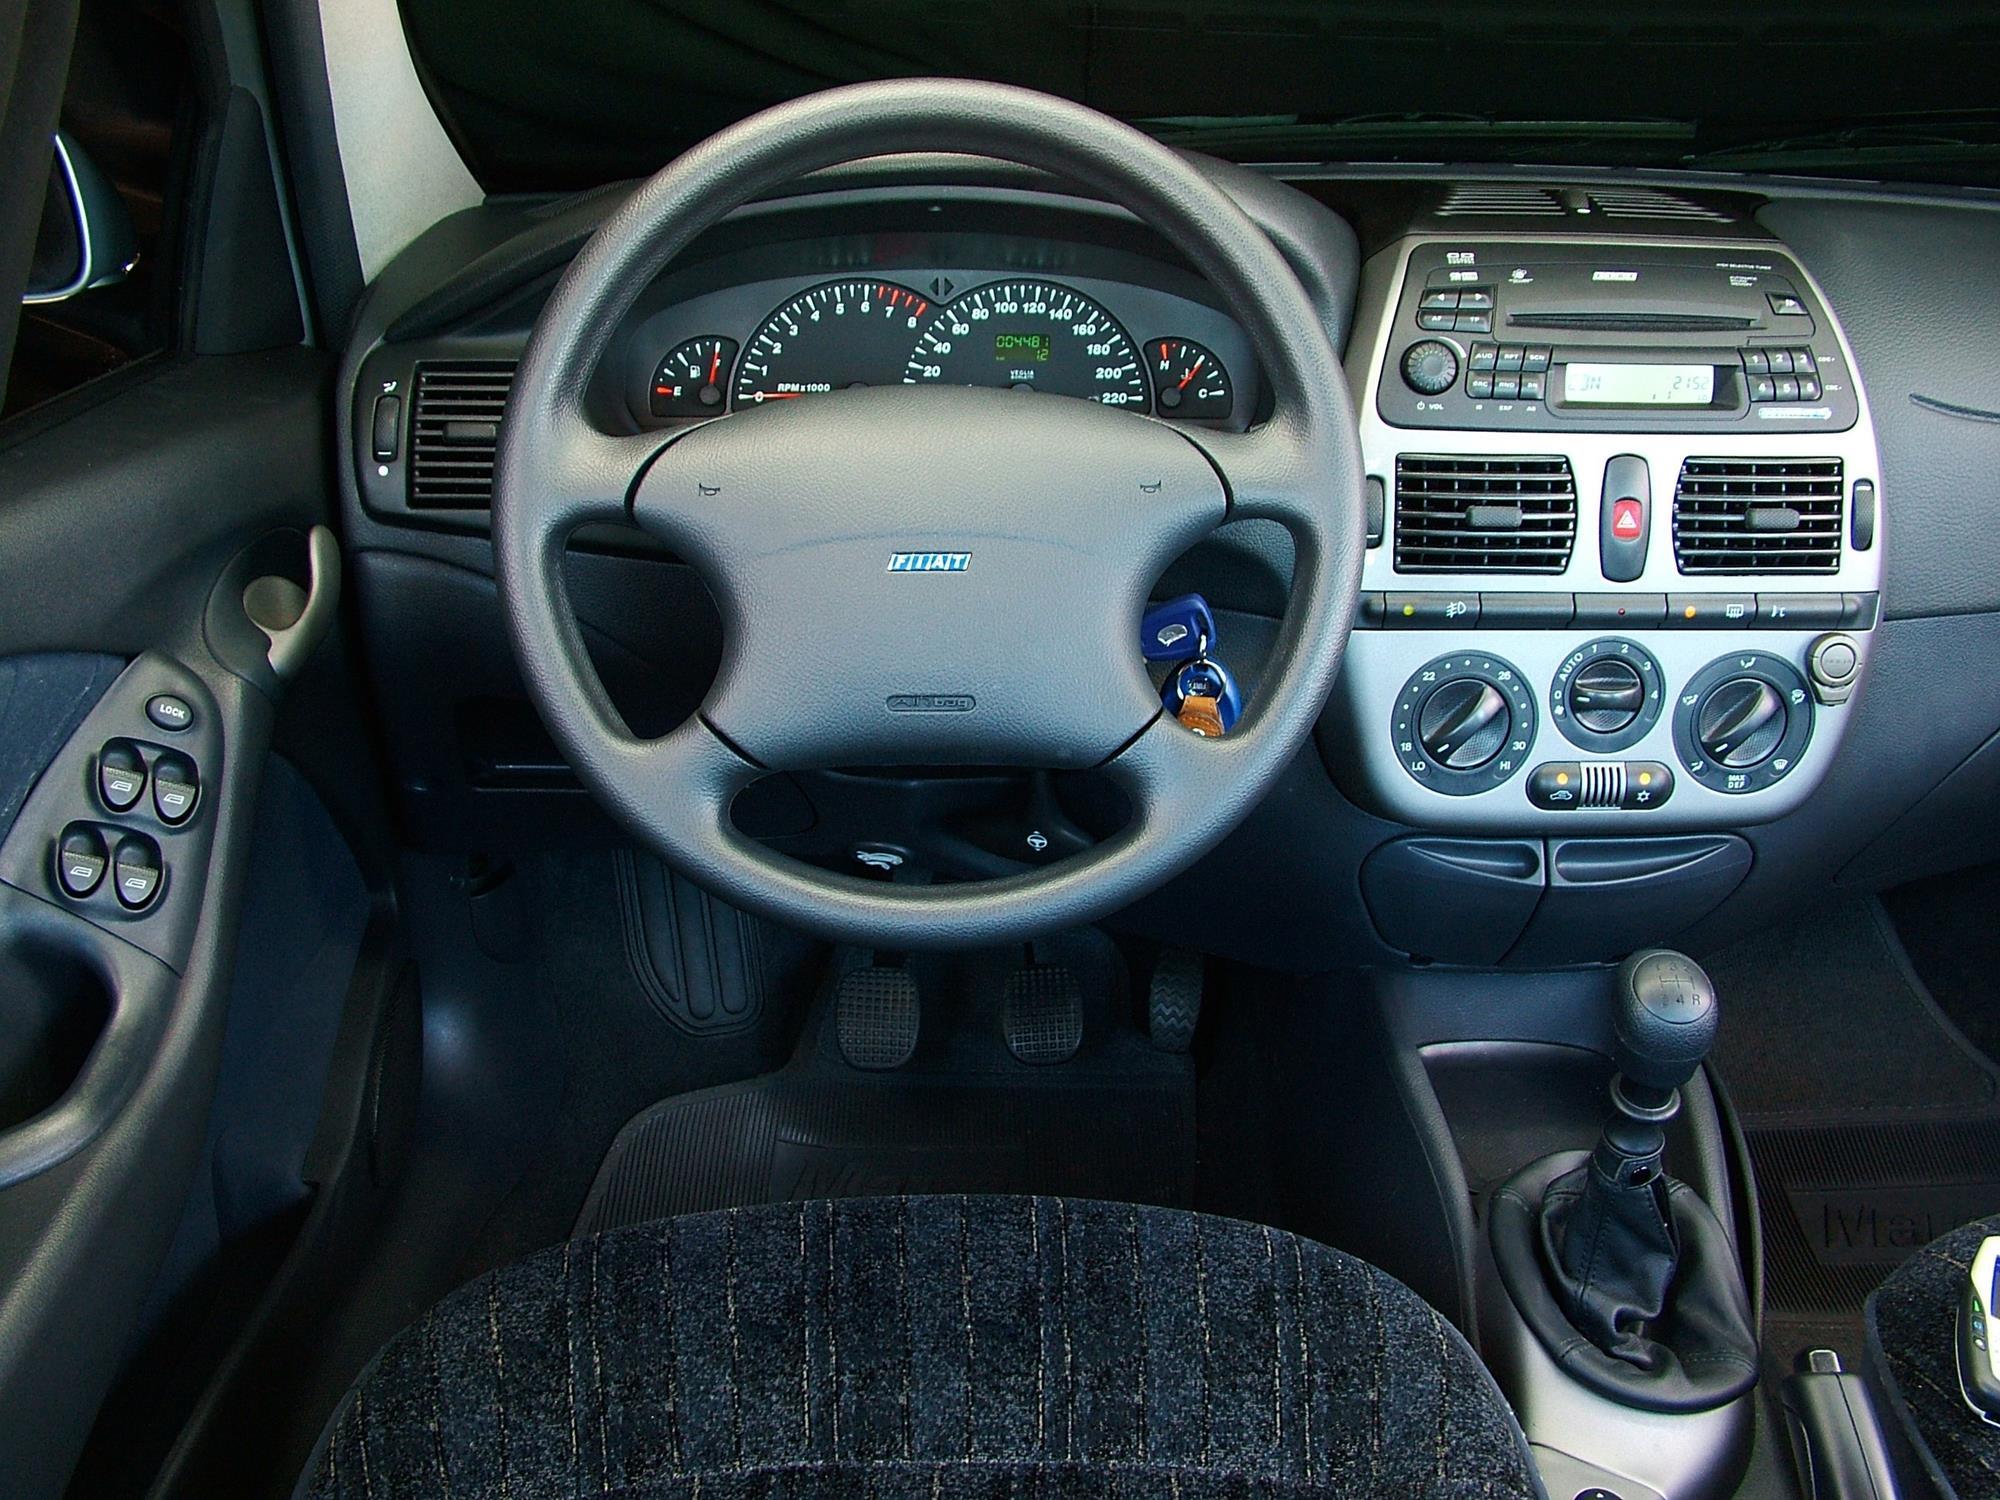 Painel do Marea SX 1.6 16V, modelo 2006 da Fiat, testado pela revista Quatro Rod